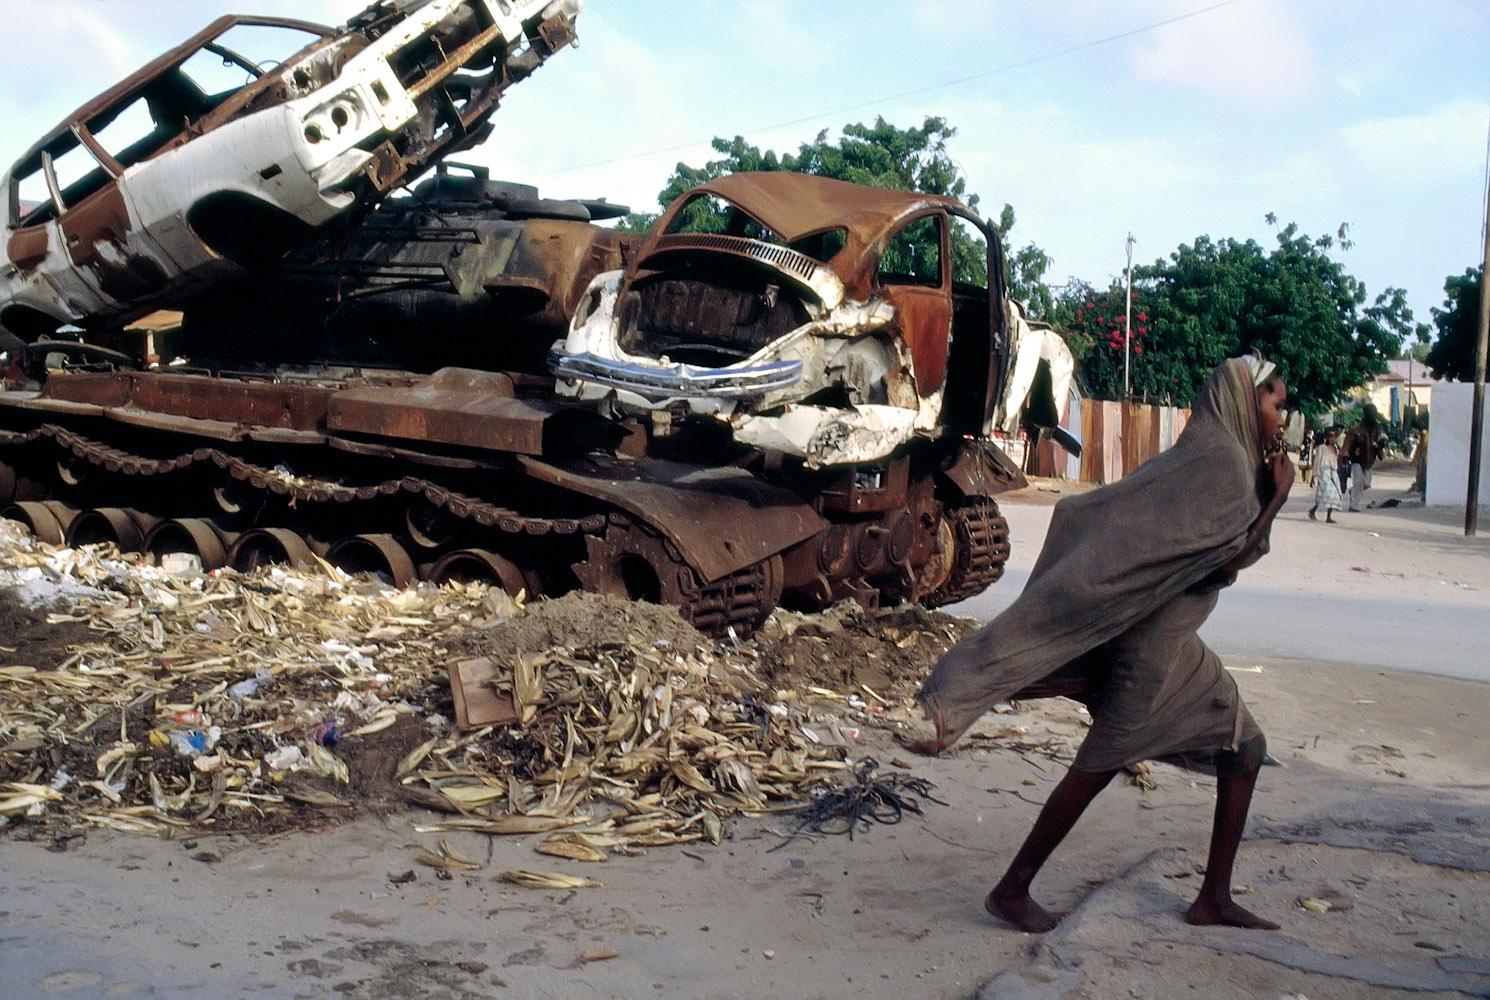 Somalia_271_Print_w-nw